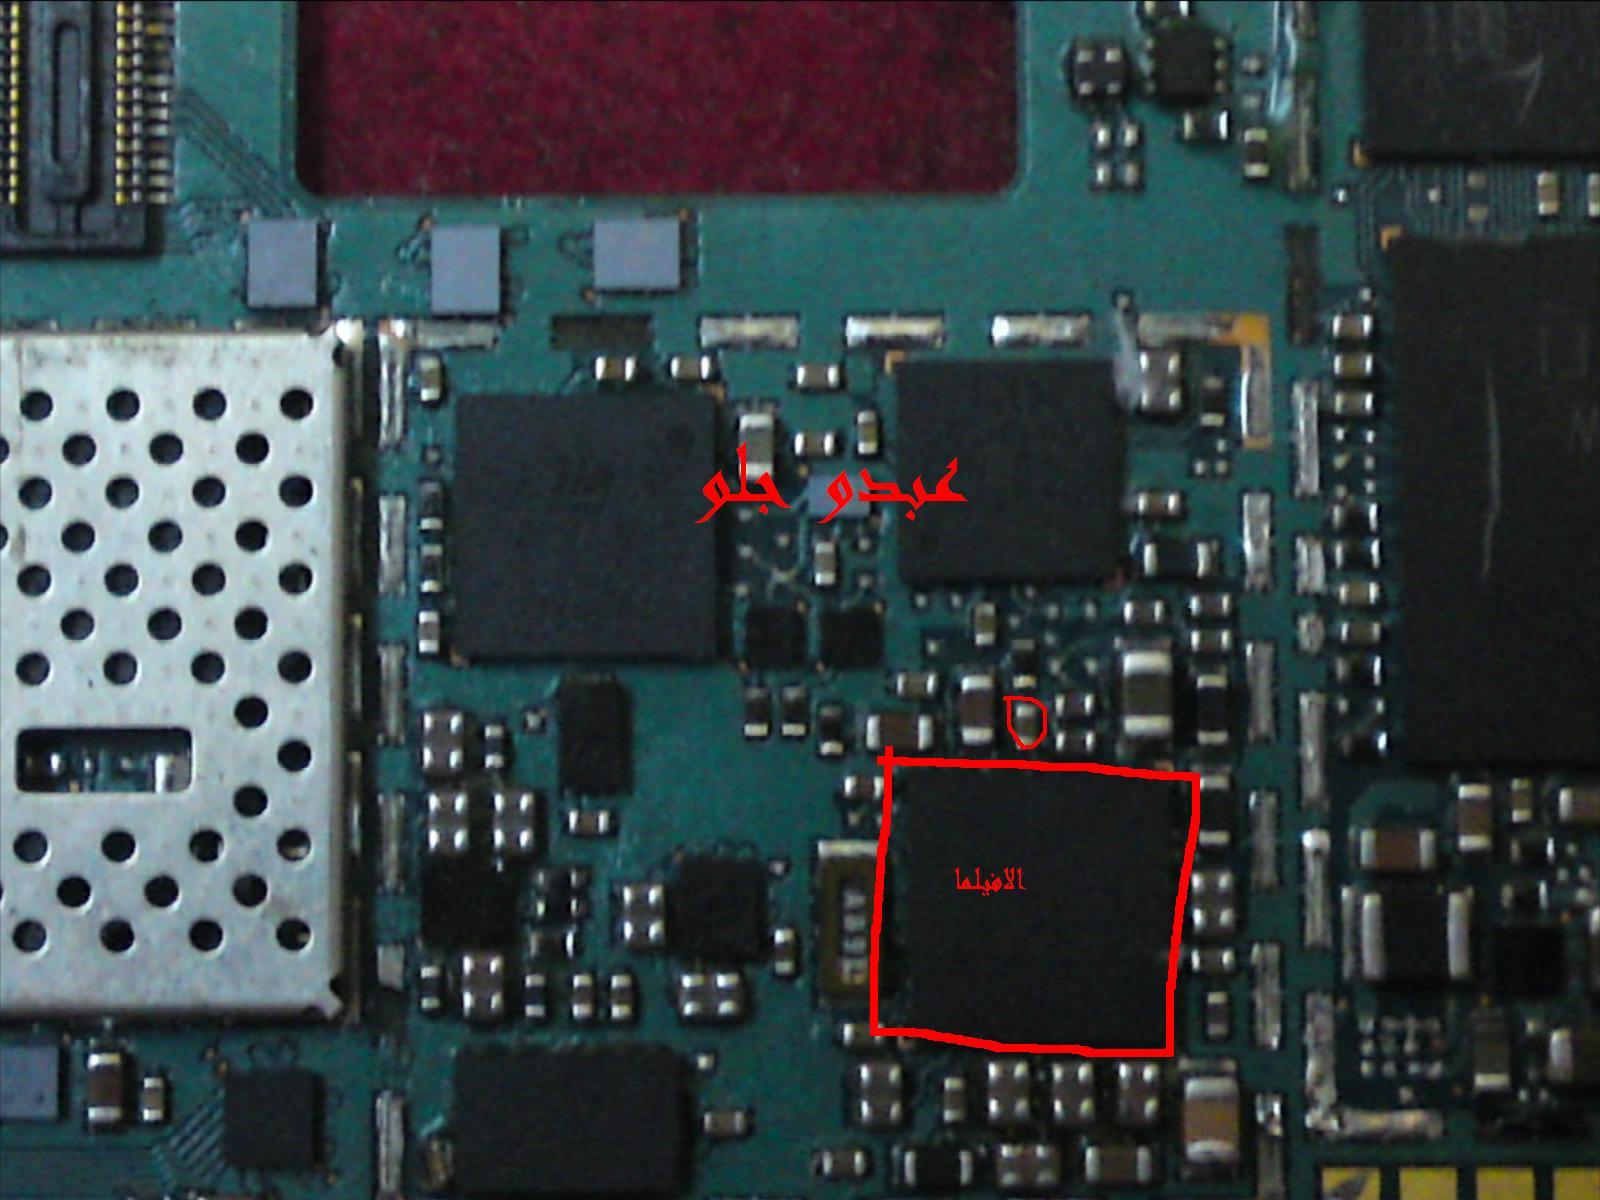 e66 يضوي بمجرد وضع البطارية